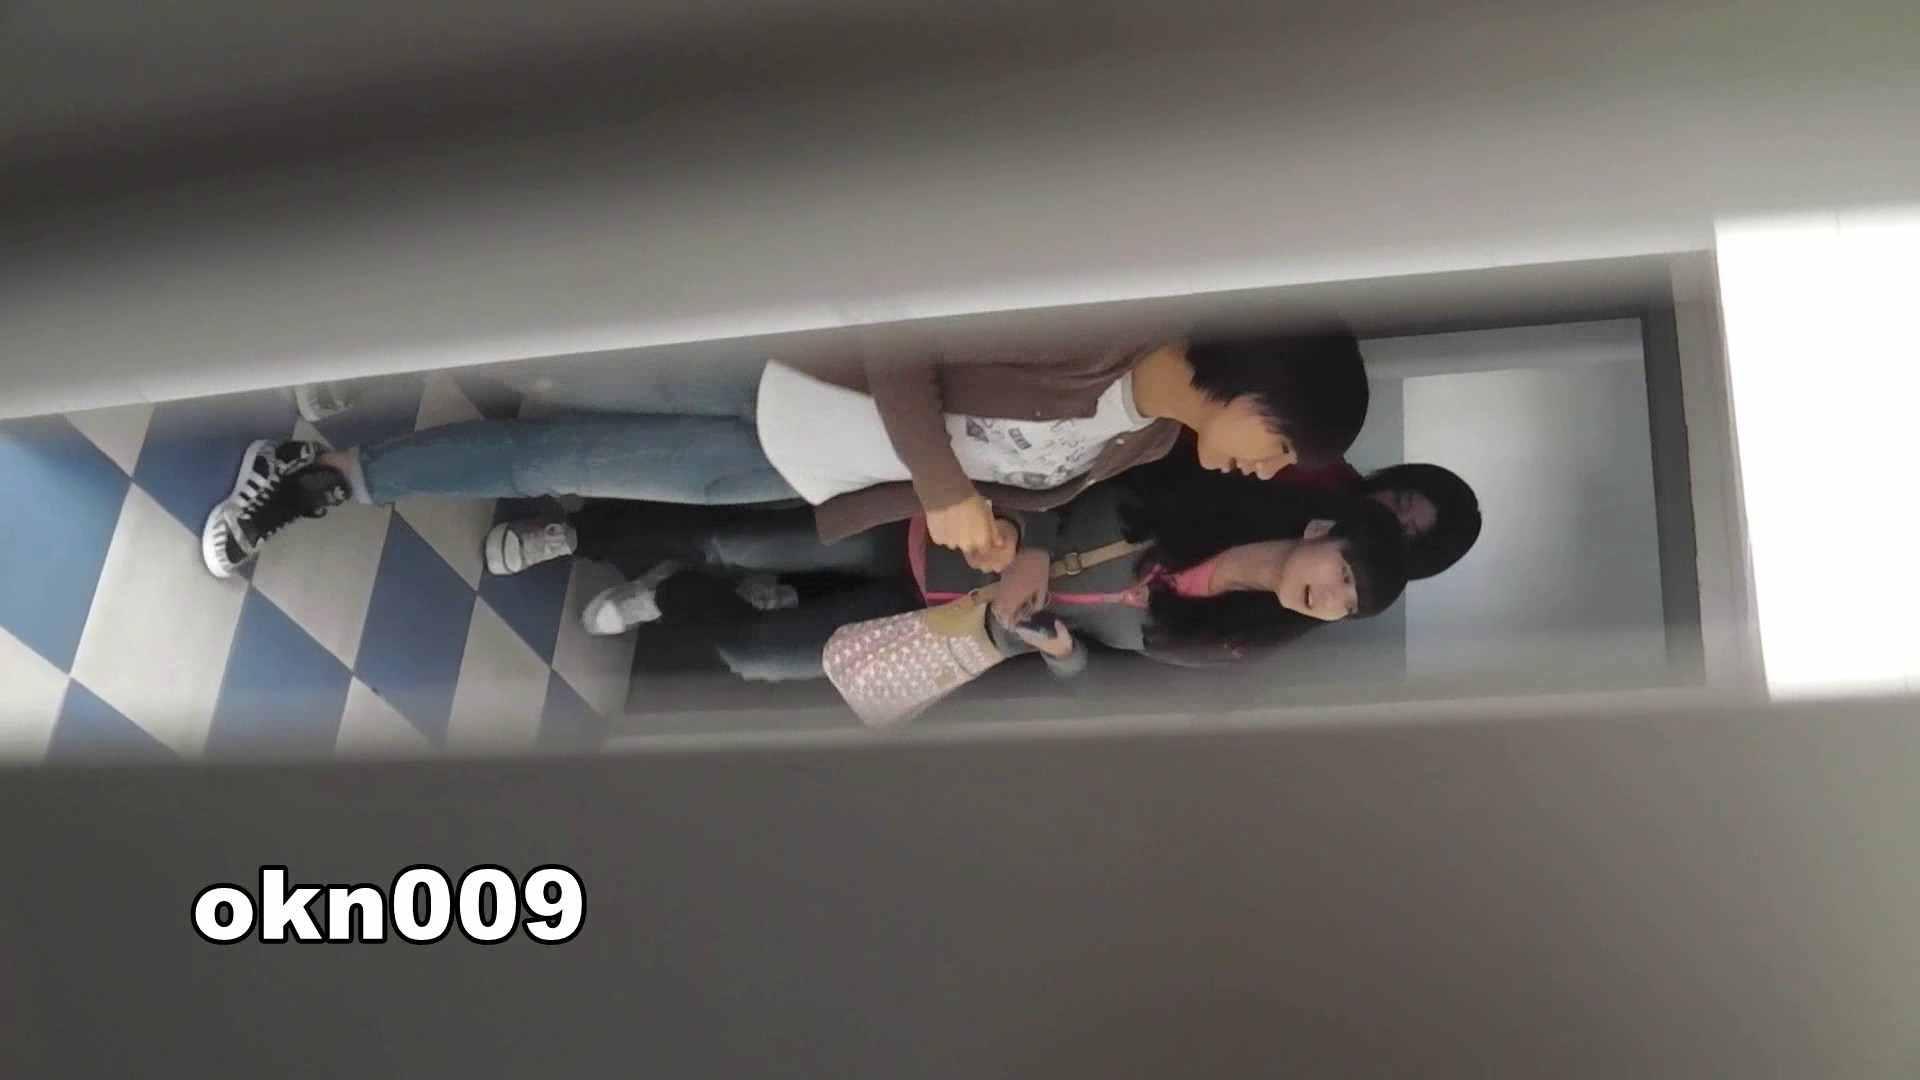 下からノゾム vol.009 リキンでモリアガった割にヒョロ 盛合せ 濡れ場動画紹介 109画像 102